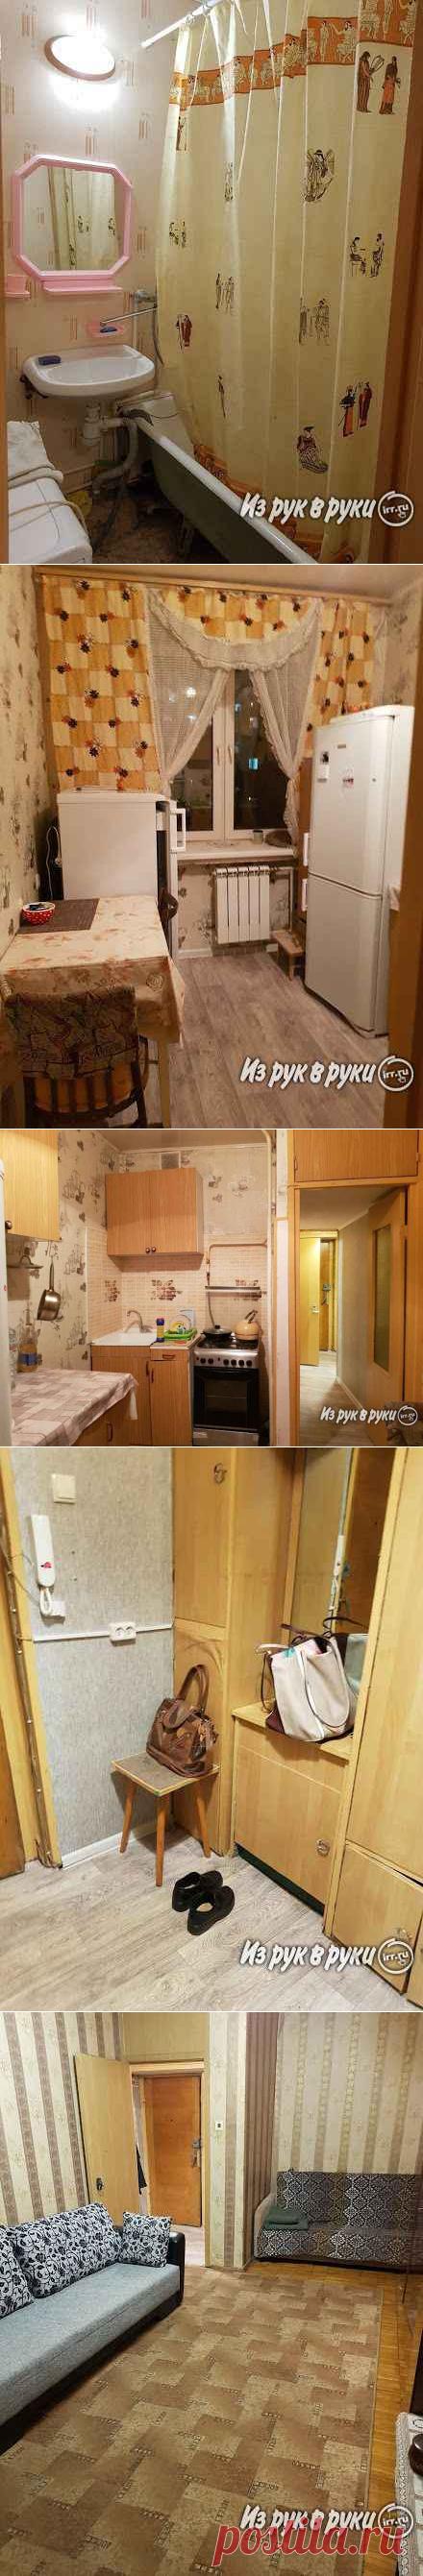 1-комн. квартира, Свободный пр-кт, Москва регион, Москва. Цена 26999 руб. - ИЗ РУК В РУКИ